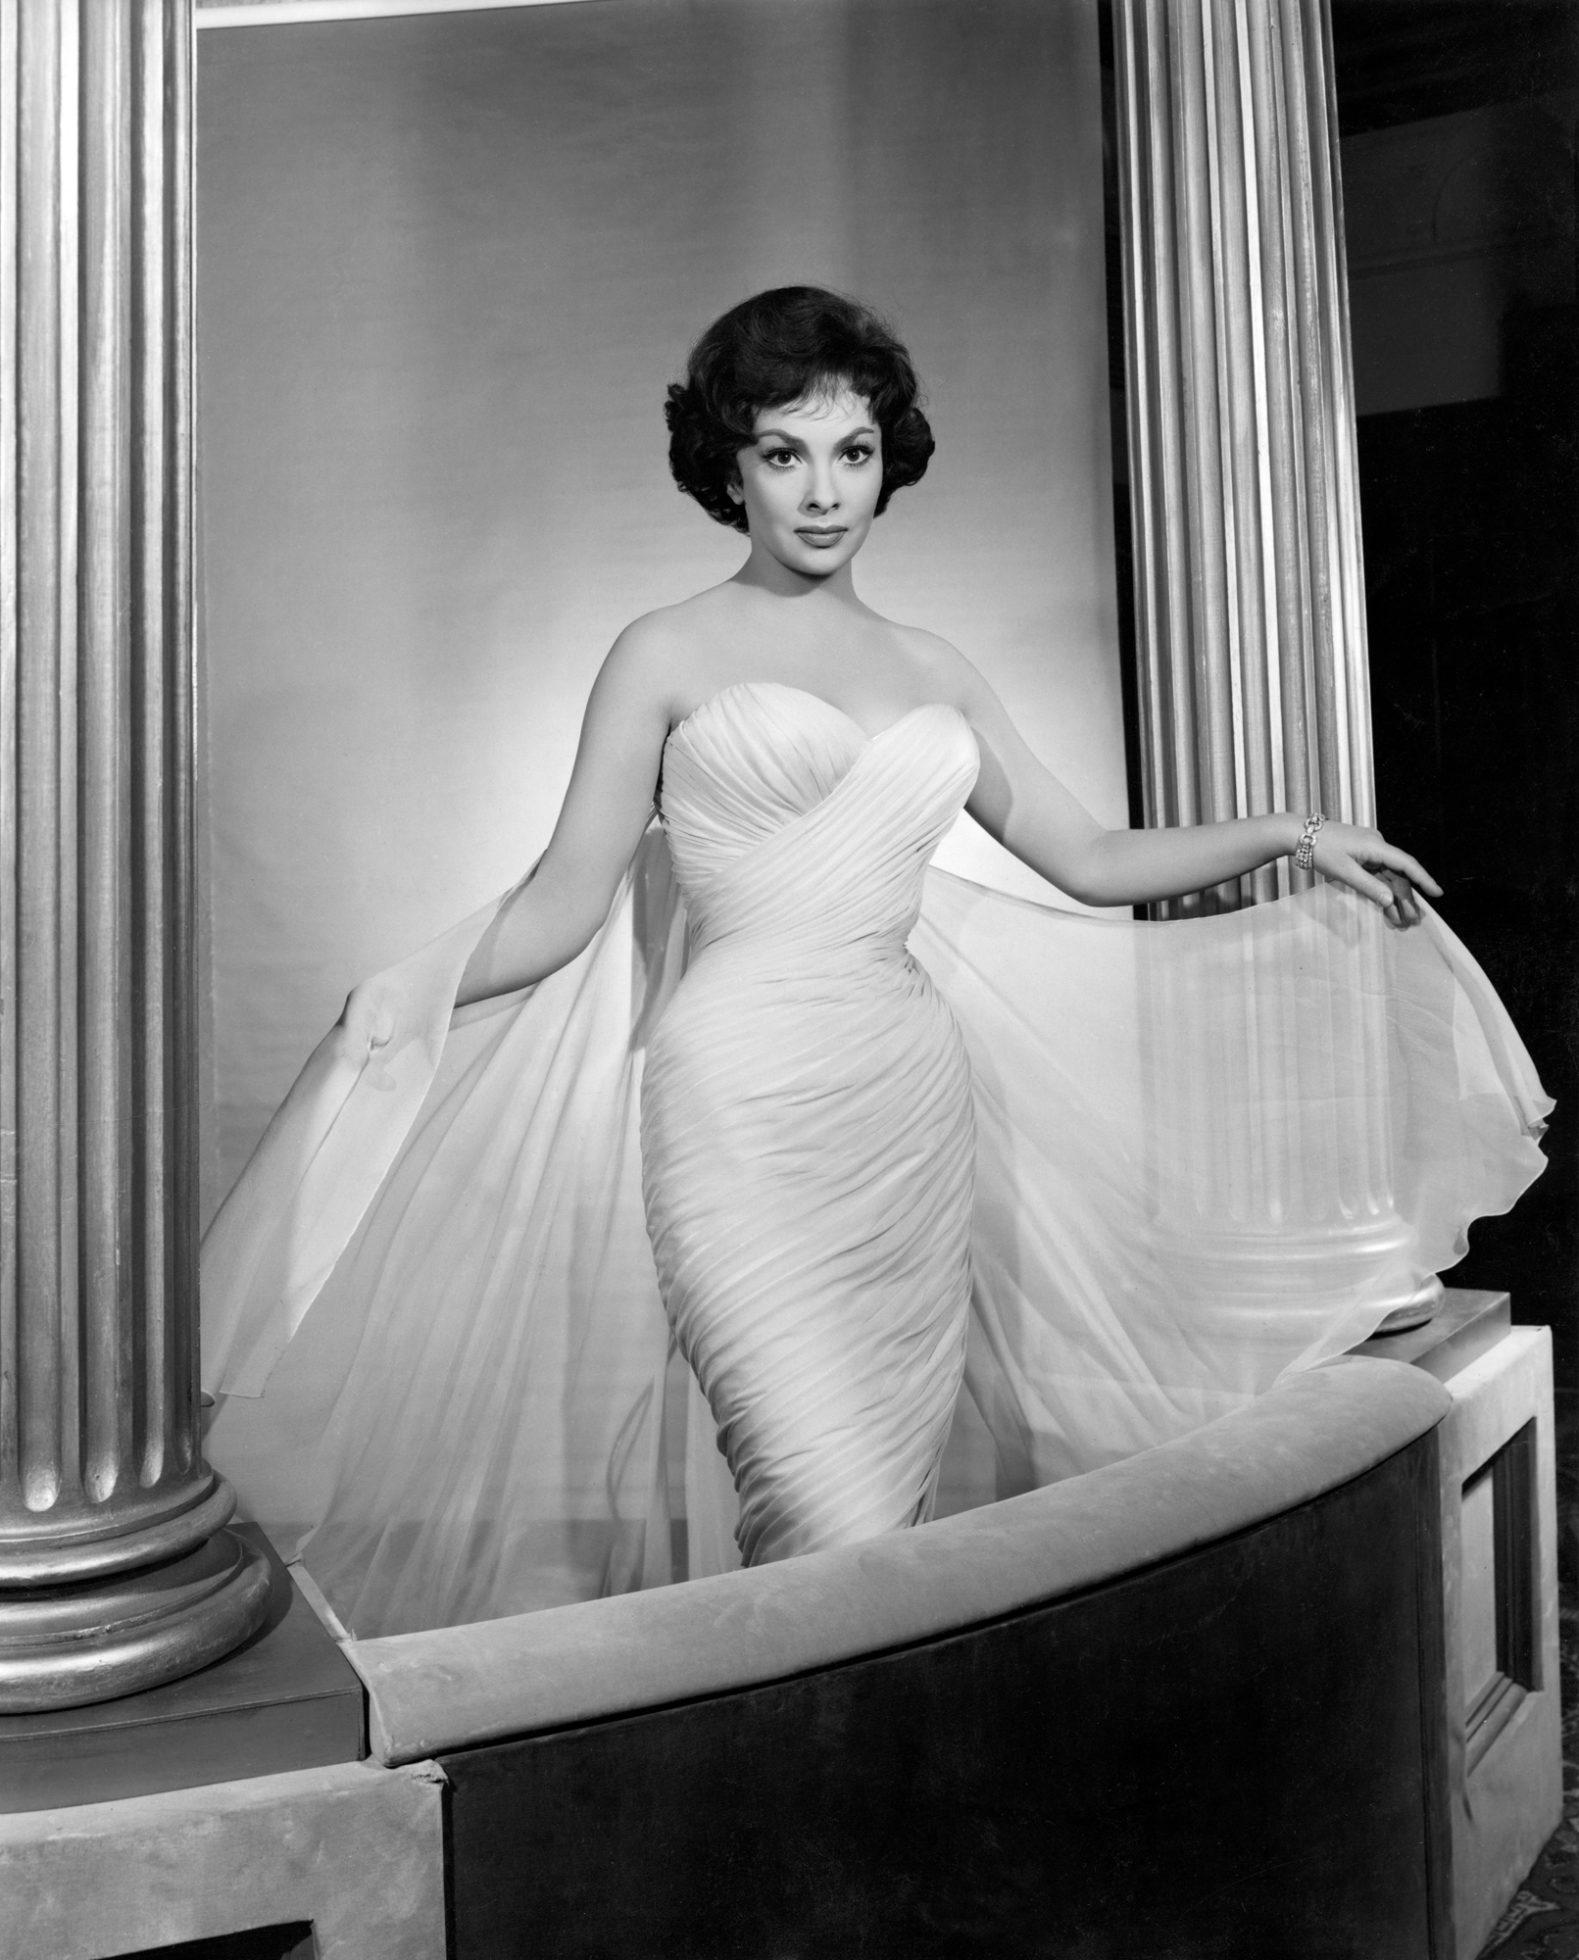 Fotó: Yousuf Karsh: Gina Lollobrigida, 1958 © Yousuf Karsh